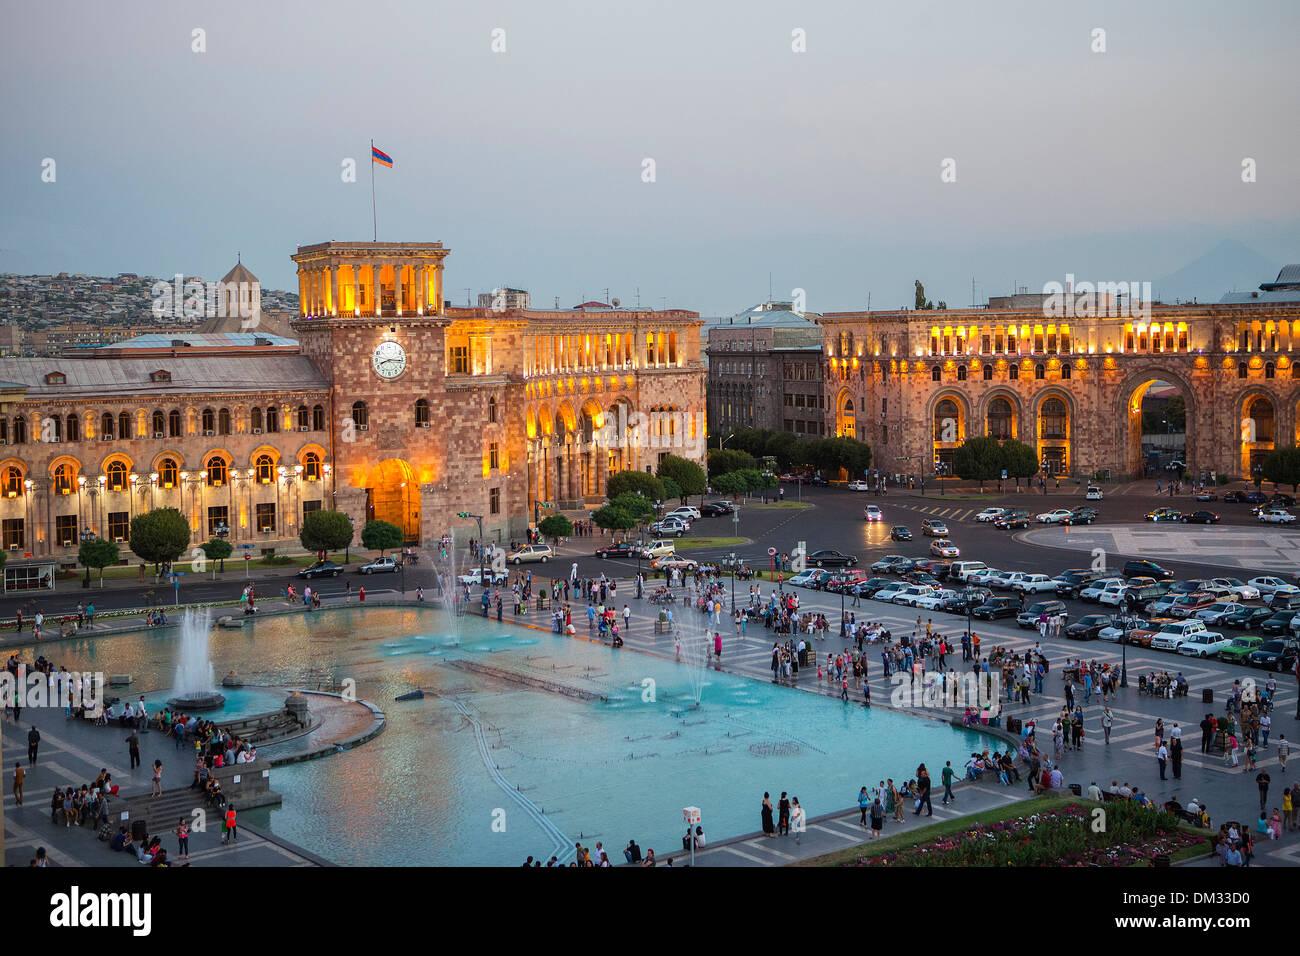 Armenien Suden Kaukasus Kaukasus Eurasia Geschichte Uhr Republik Eriwan Architektur Stadt Zentrum Von Beruhmten Brunnen Bauen Stockfotografie Alamy